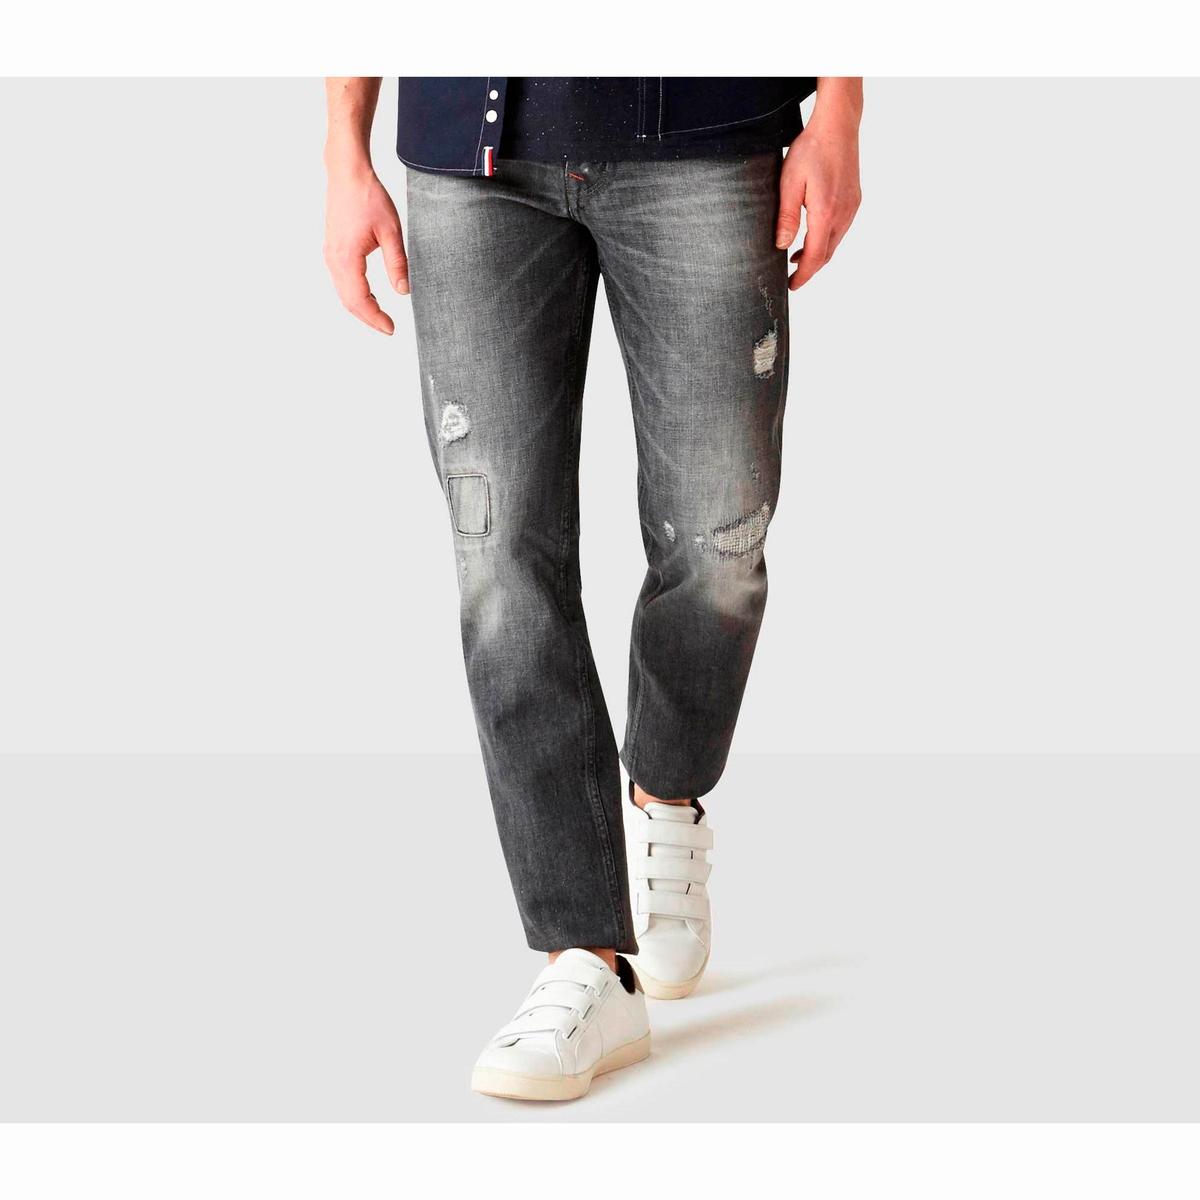 Джинсы зауженные в винтажном стиле, DOVICEДжинсы зауженные от колена в винтажном стиле, модель DOVICE от CELIO. Зауженный от колена покрой. Пояс со шлевками для ремня. Застежка на молнию и пуговицу. Карманы спереди и сзади. Нашивка сзади.   Состав и описаниеМатериал:  100% хлопка.Марка: CELIO.<br><br>Цвет: серый<br>Размер: 44 (FR) – 50 (RU), длина 34